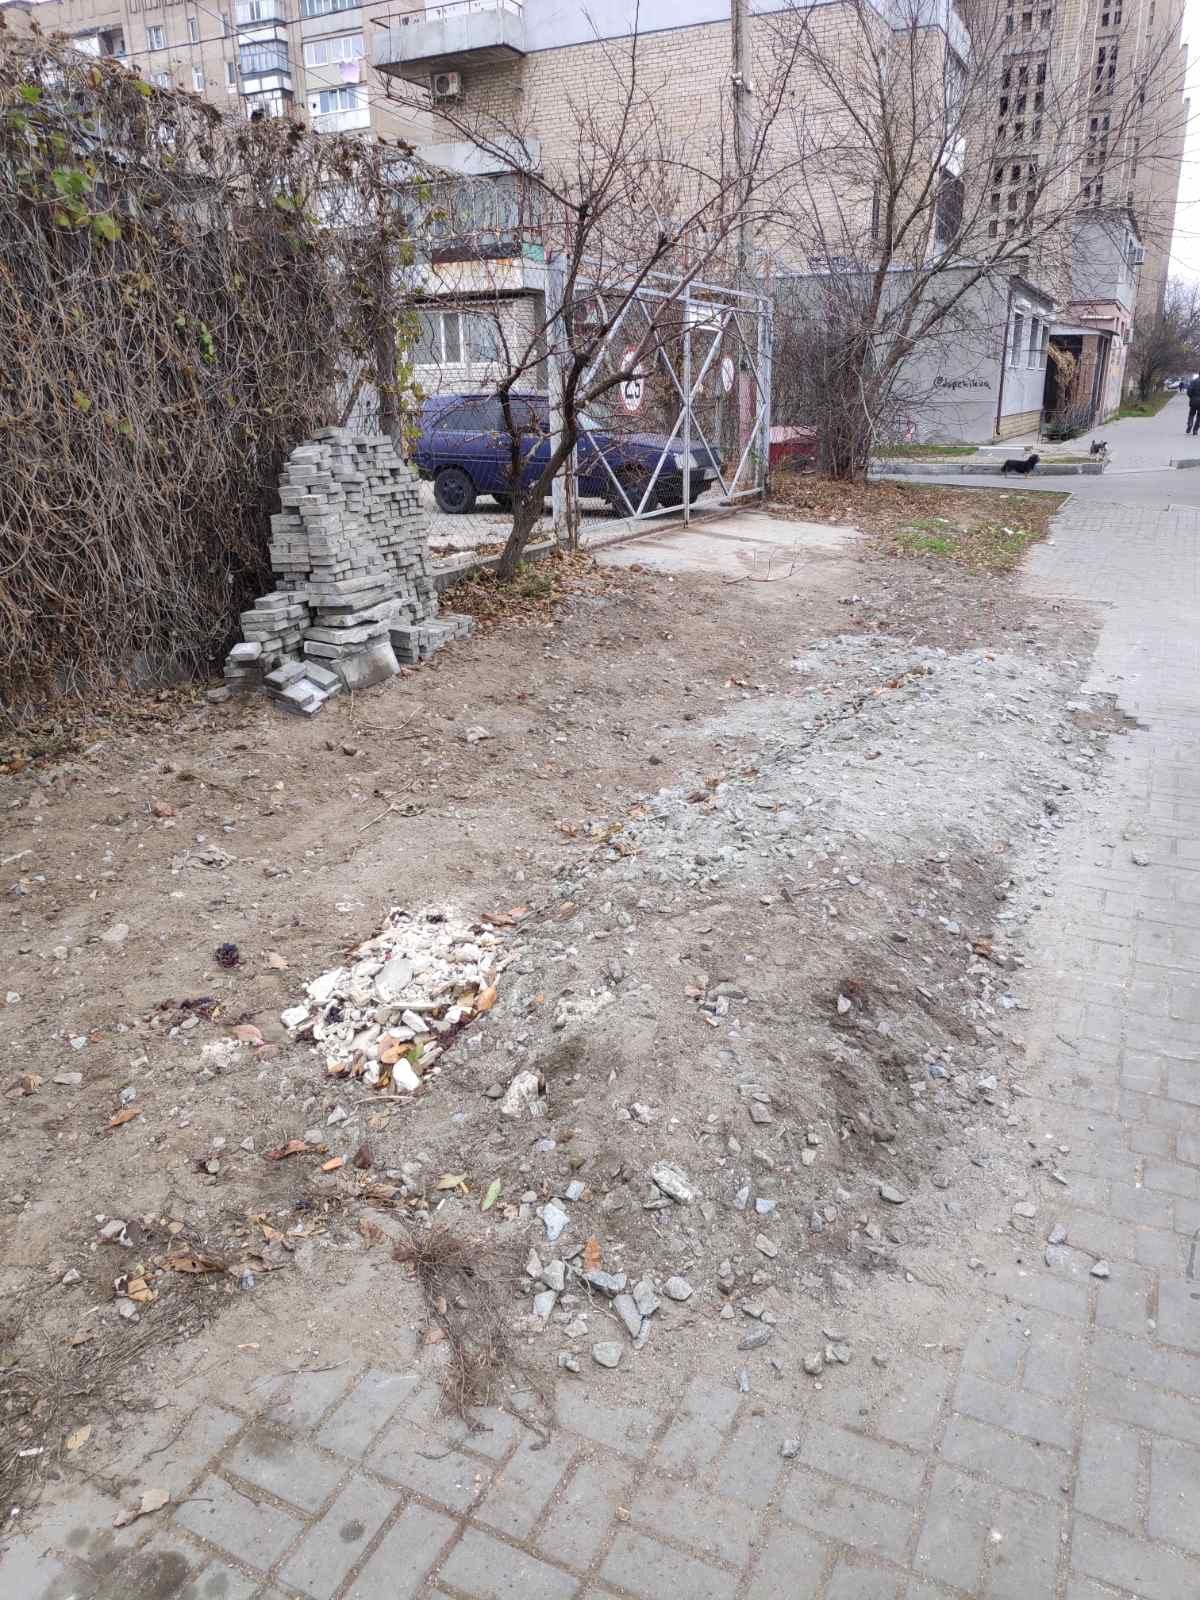 Начальника электросети оштрафуют за нарушение правил благоустройства Мелитополя, фото-2